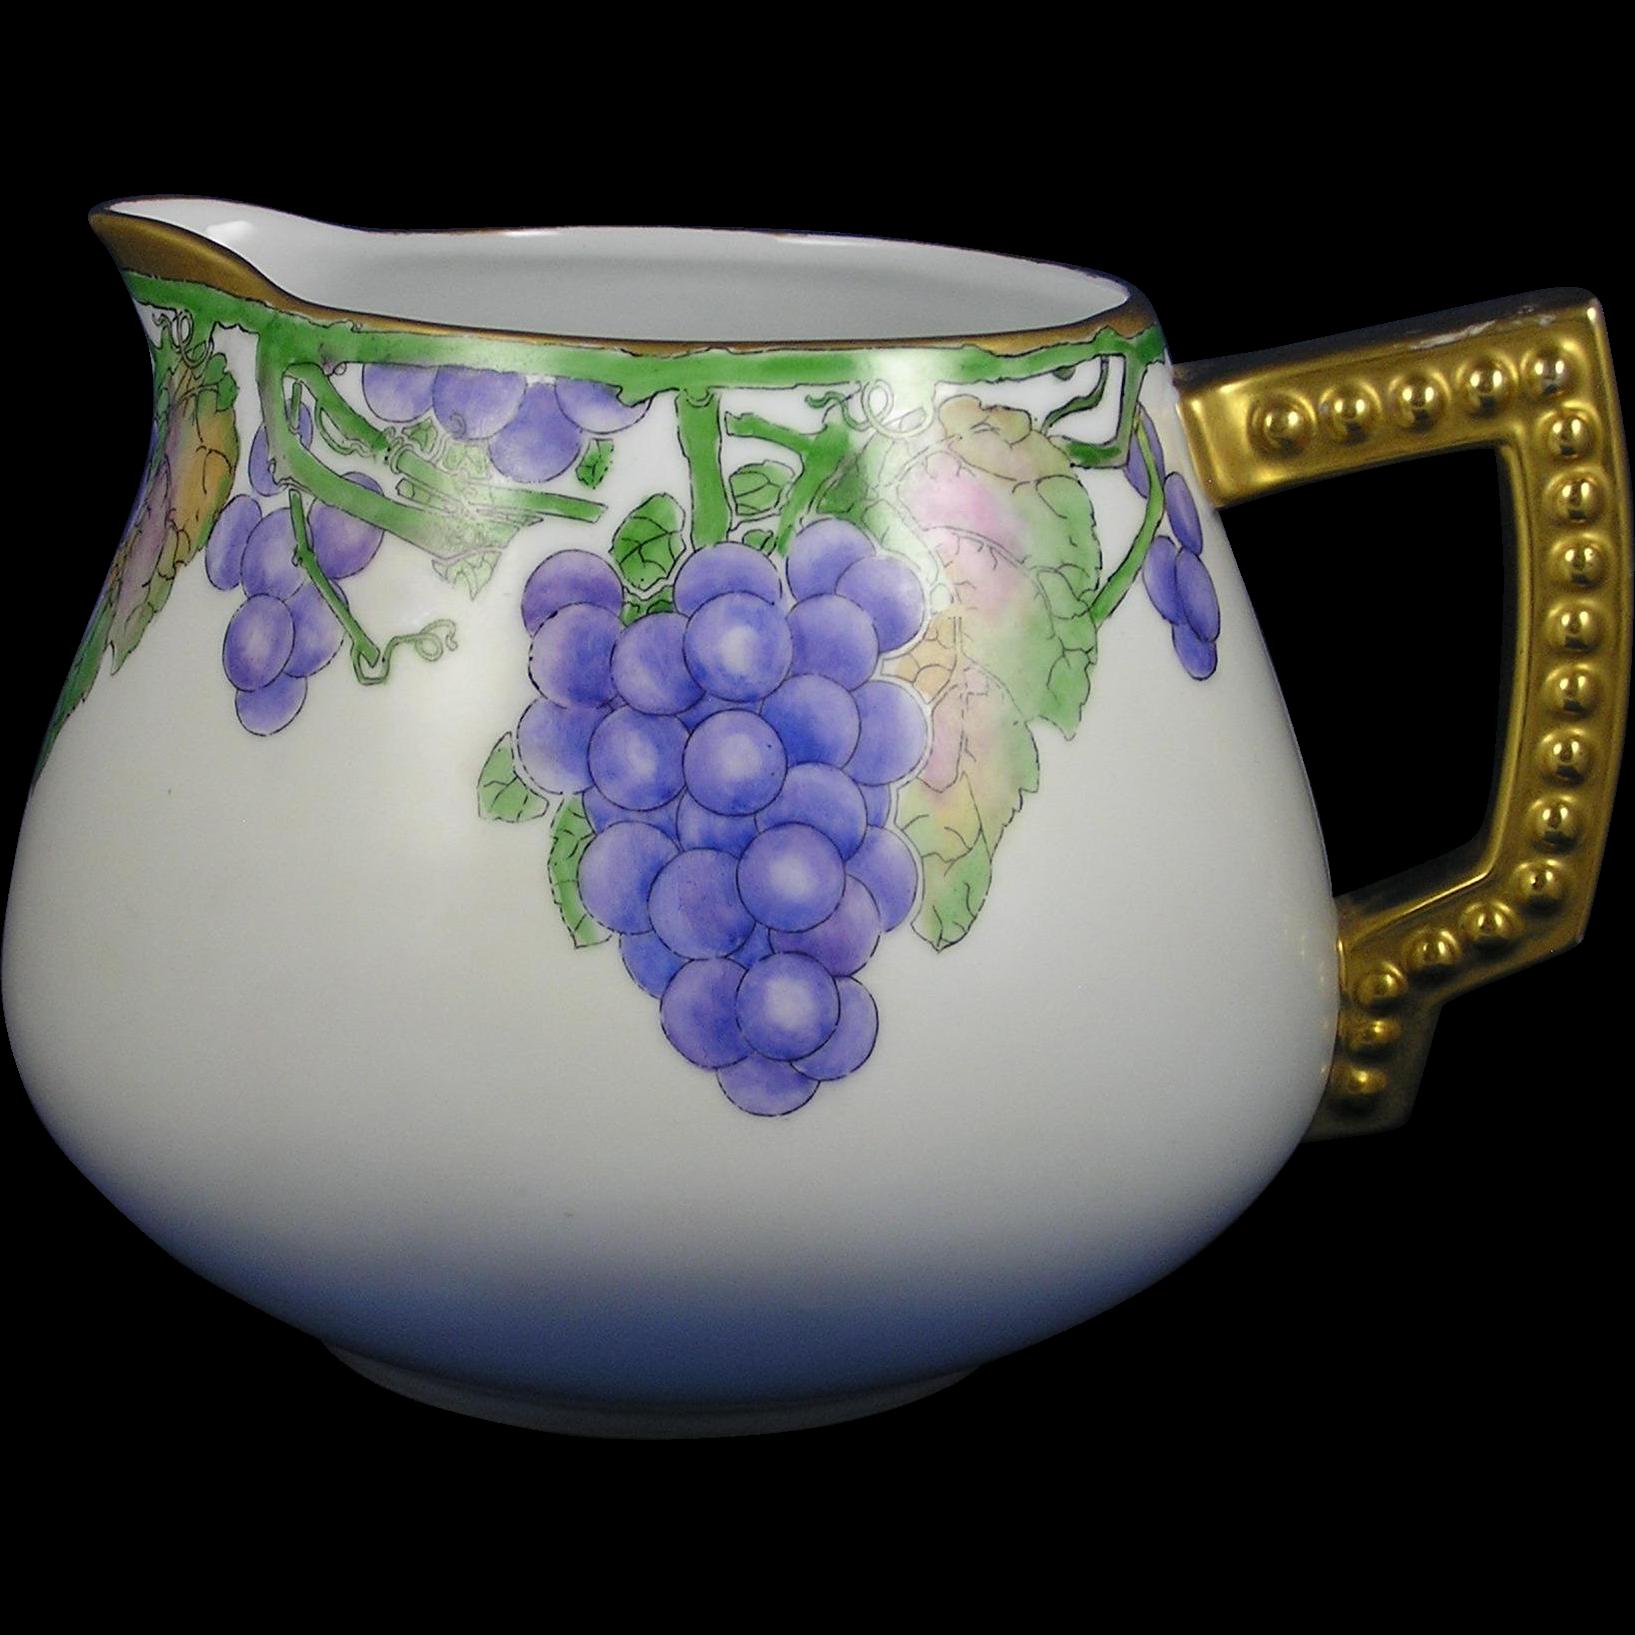 Bavaria Arts & Crafts Grapes Motif Cider/Lemonade Pitcher (Dated 1912)